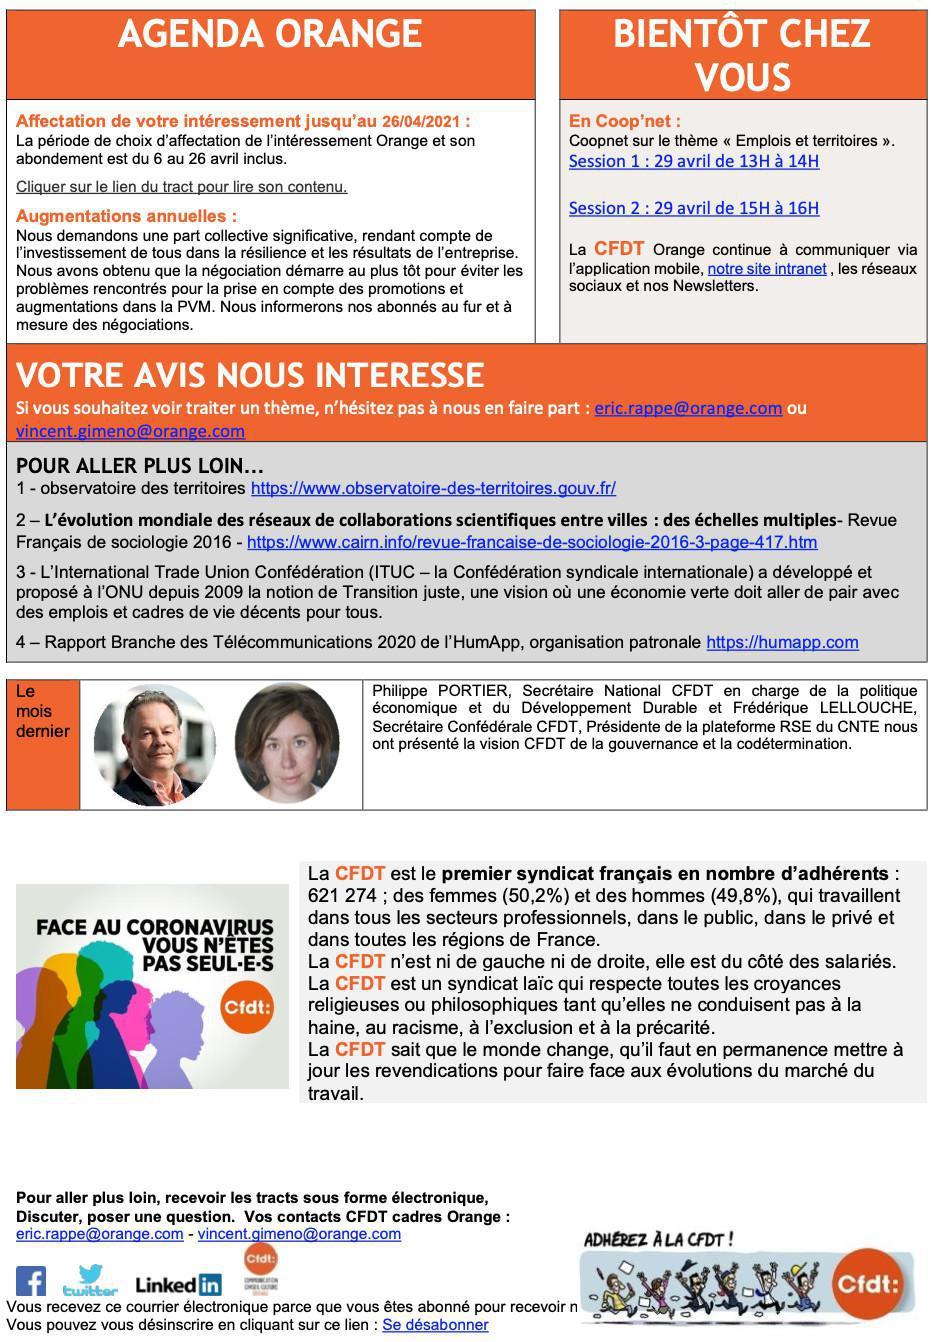 Newsletter Cadres - Avril 2021 - Emplois et Territoires